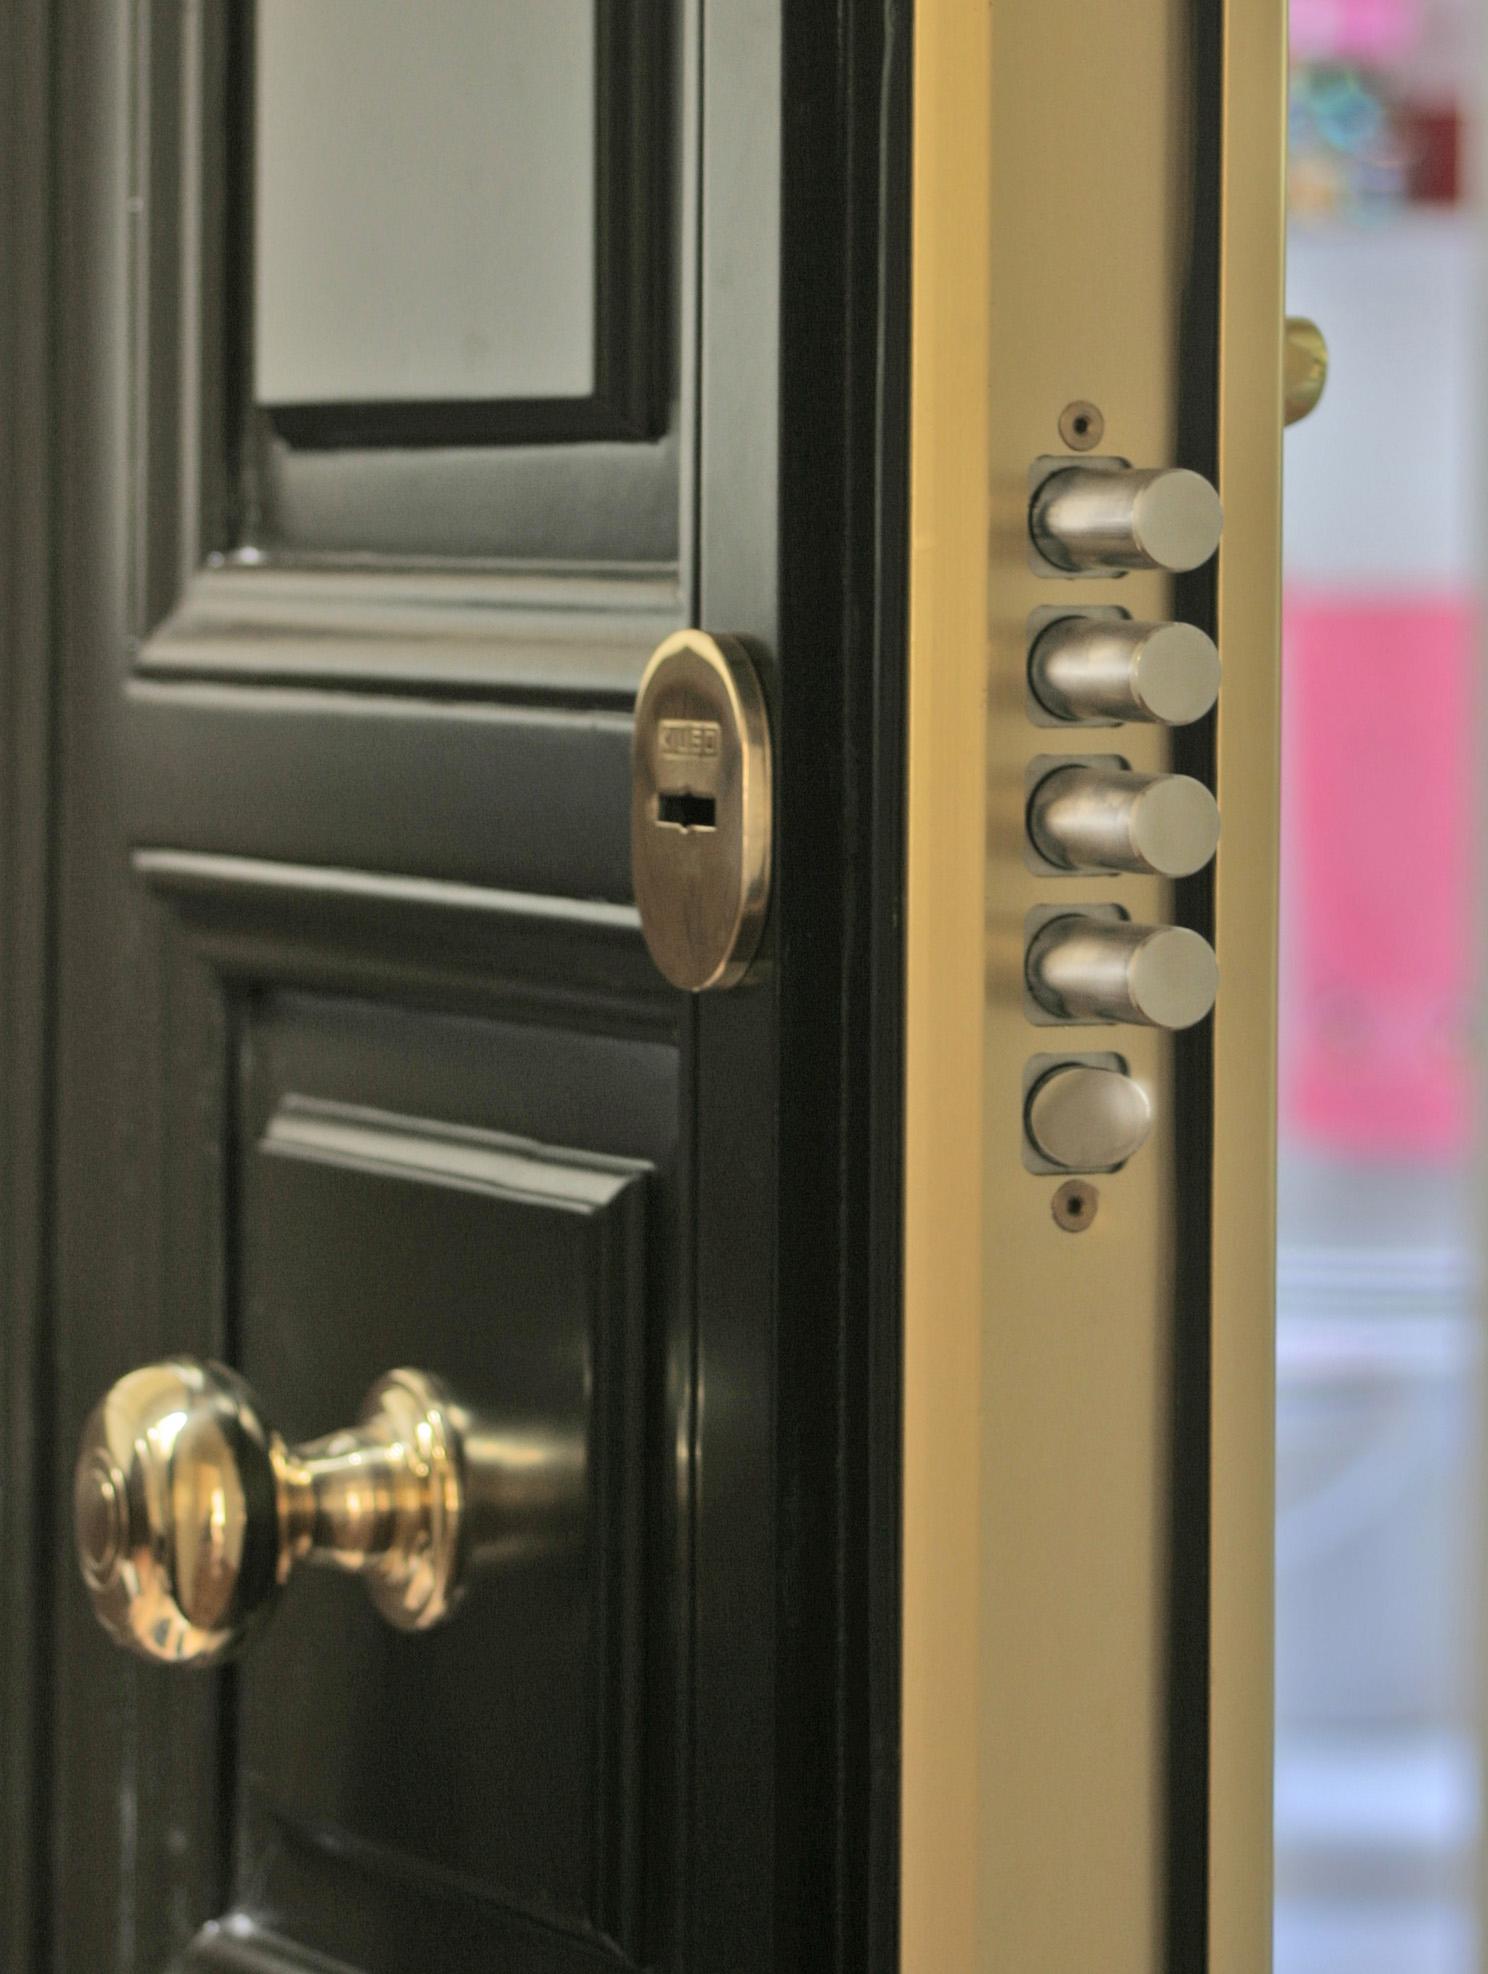 Reparaci n de puertas acorazadas en madrid cerrajerosalmansa for Puertas blindadas madrid